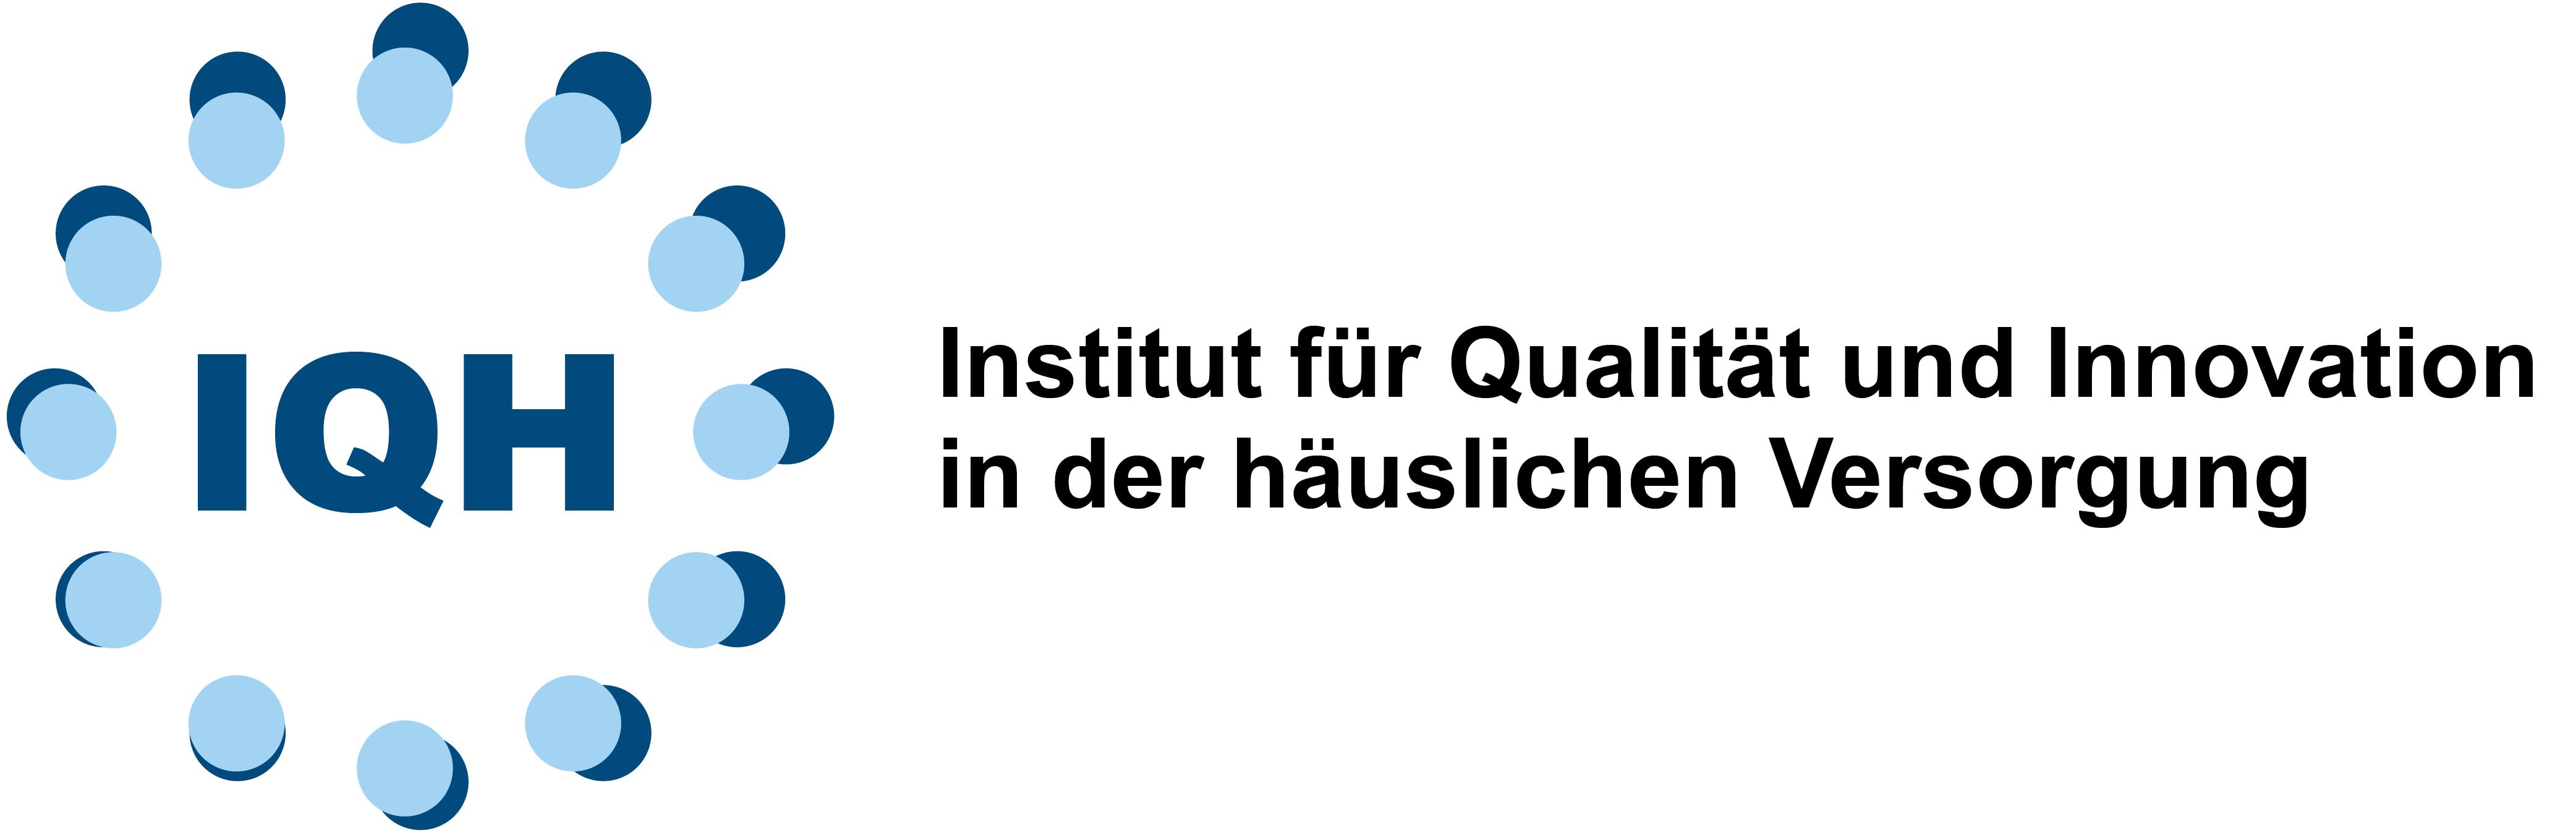 IQH Institut